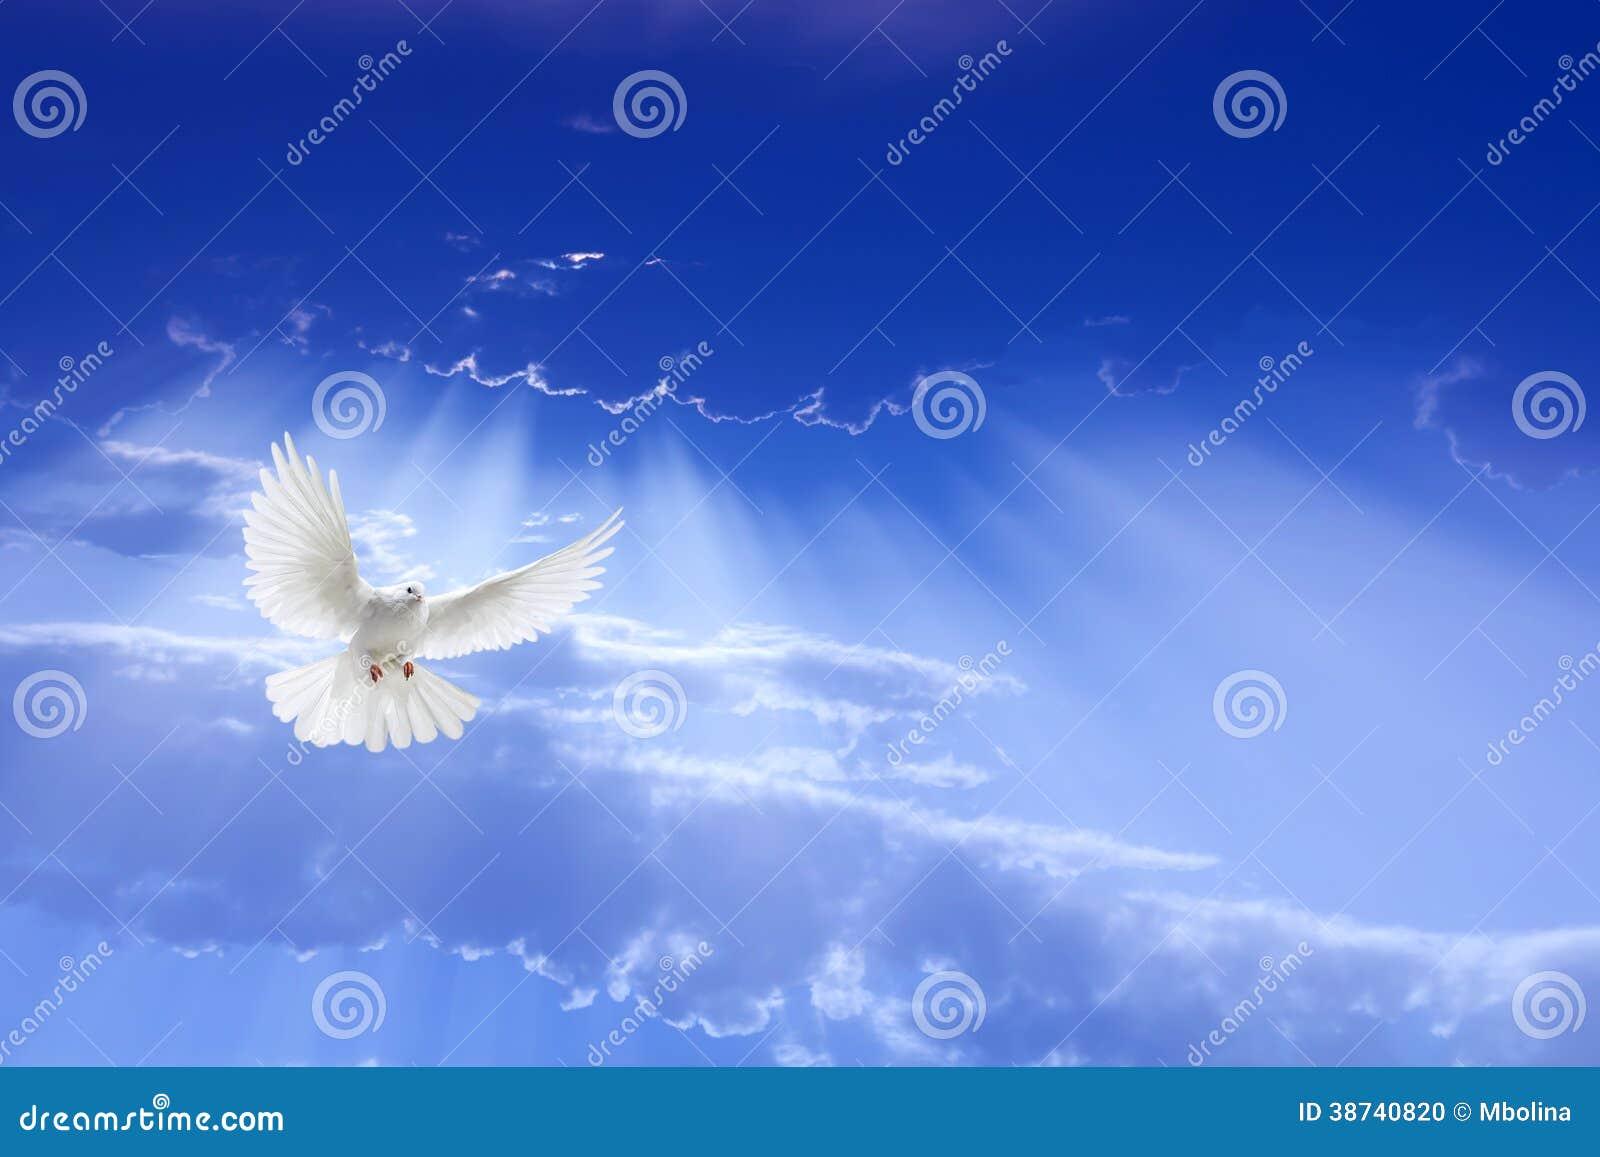 Άσπρο περιστέρι που πετά στον ουρανό